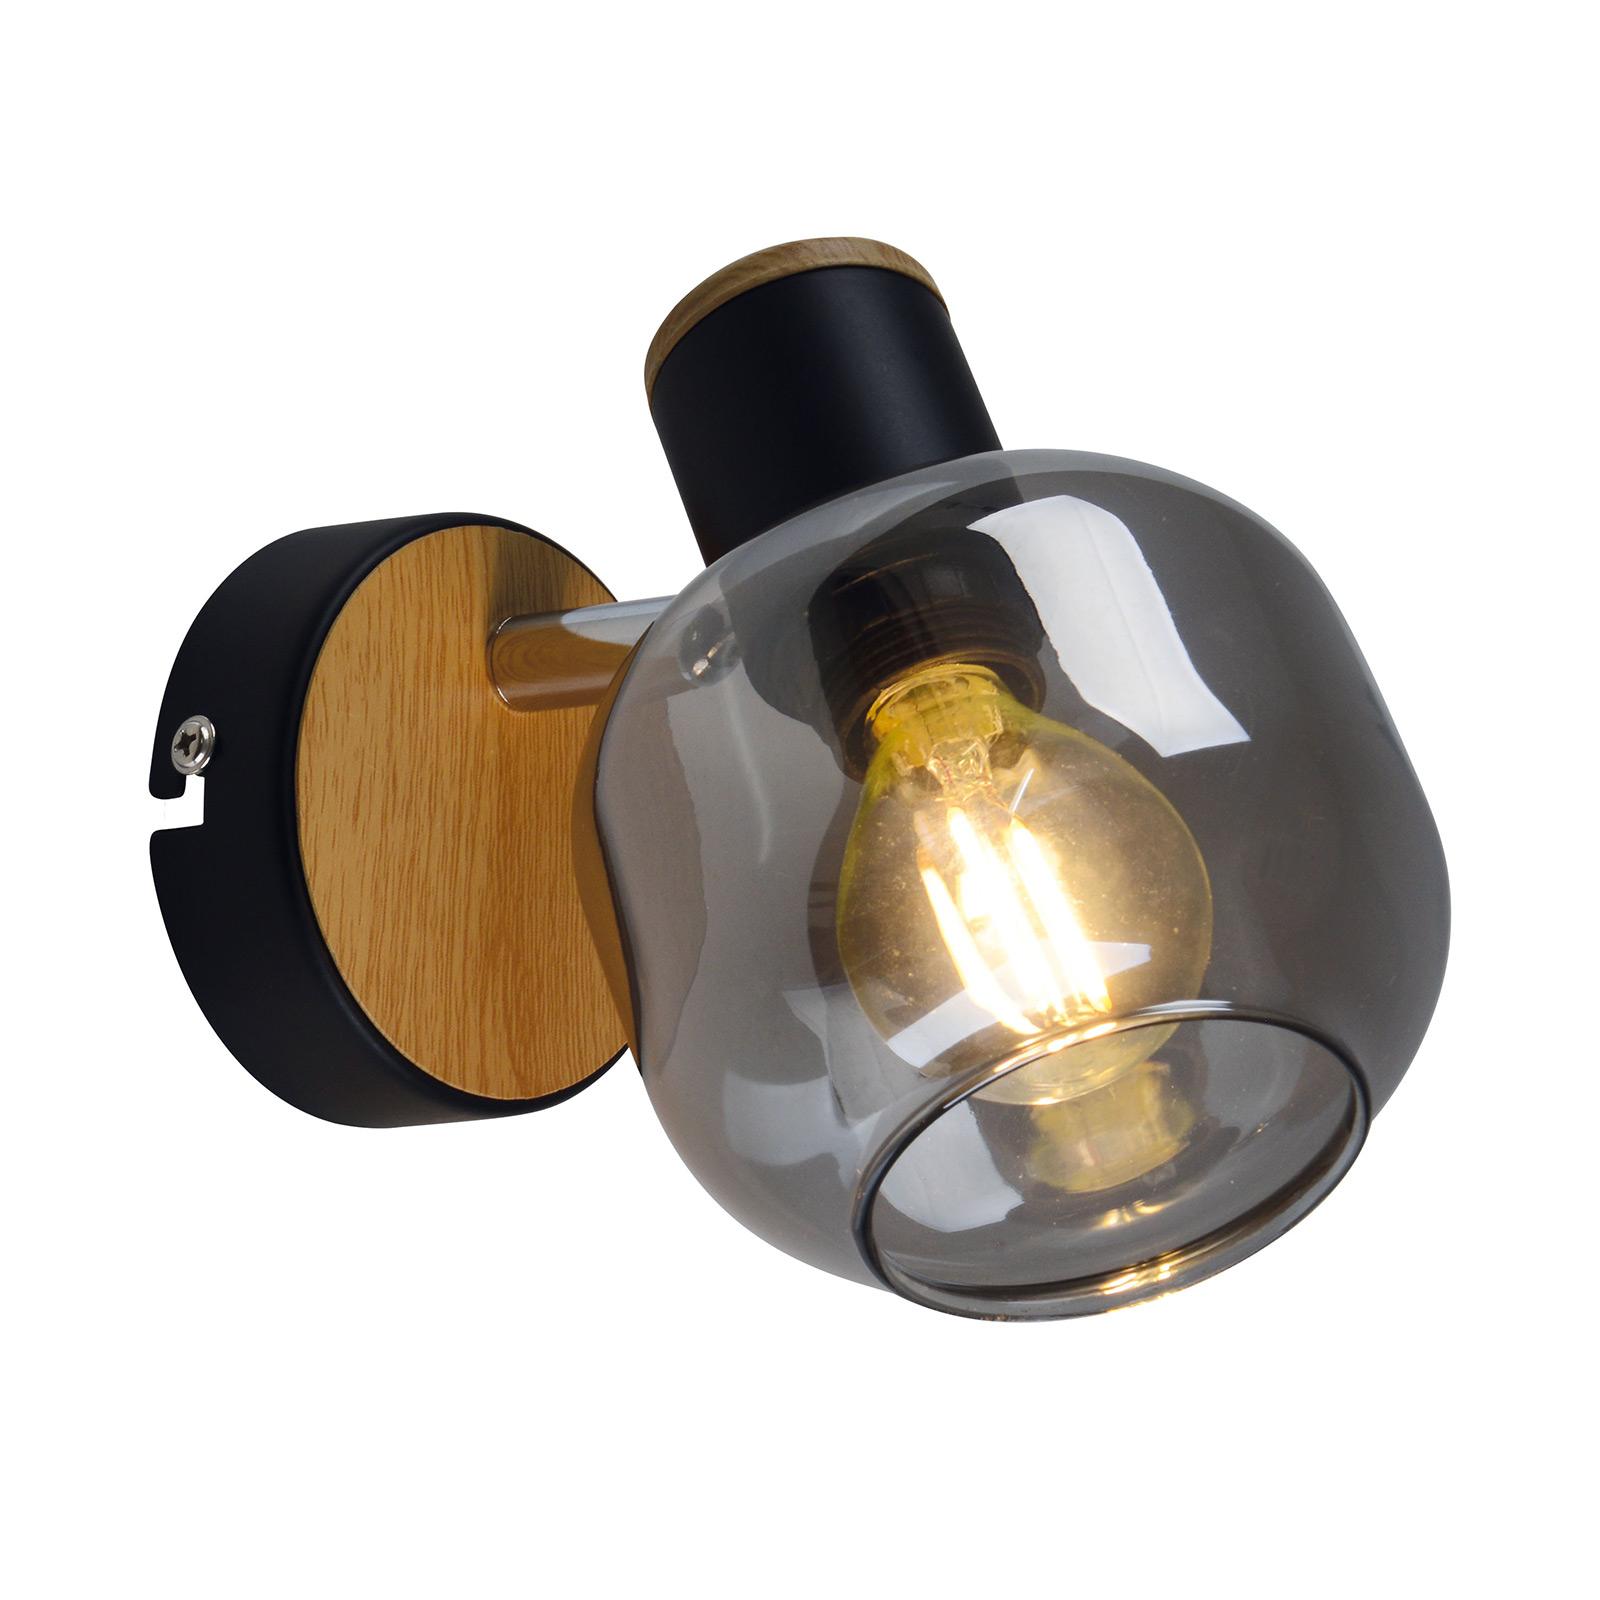 Wandlamp 1350022 met rookglas, 1-lamp